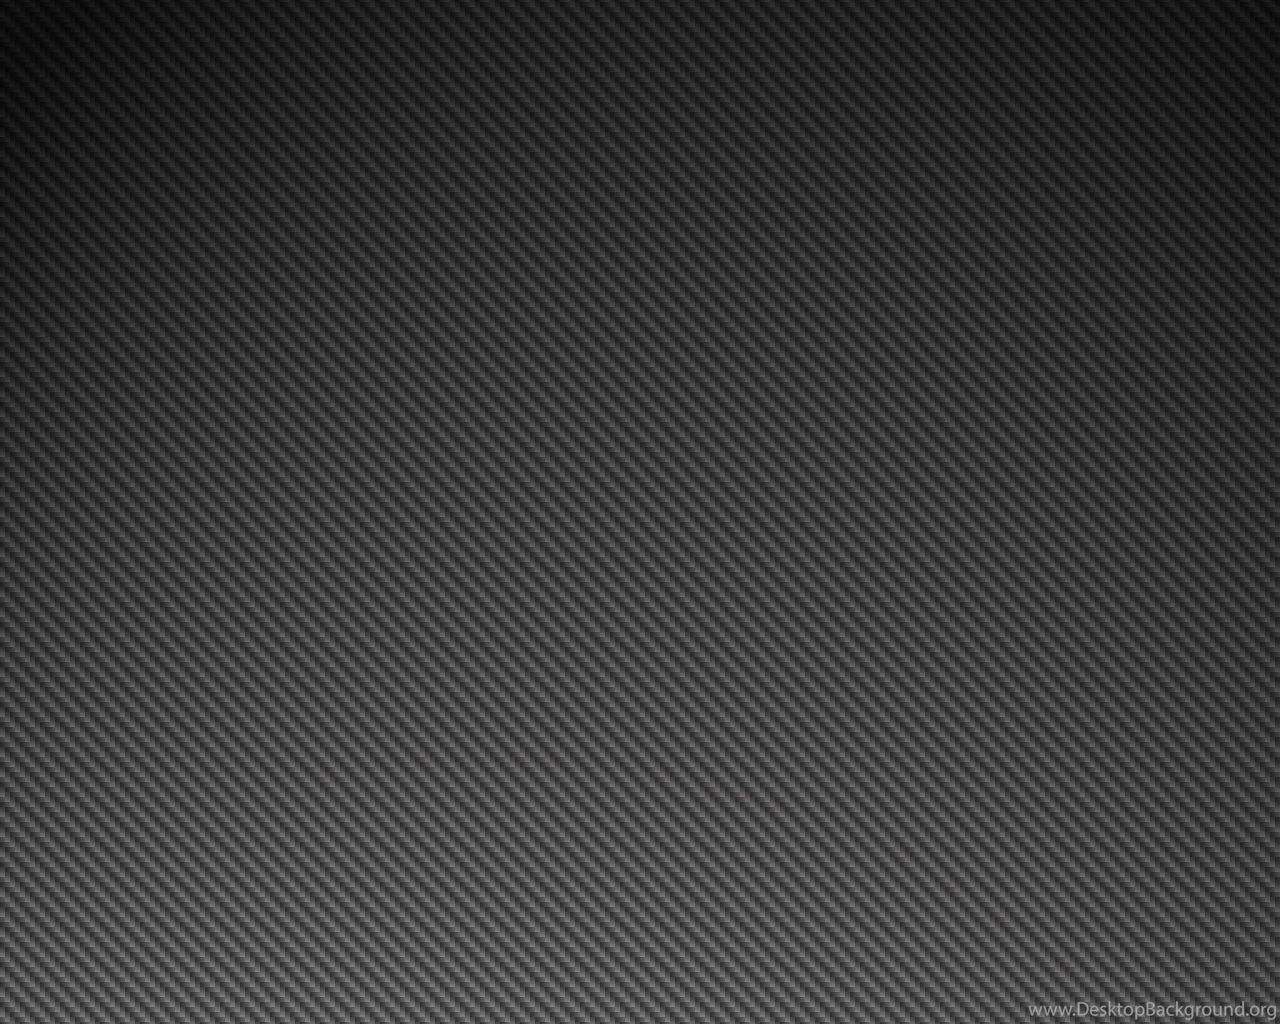 FREE! Carbon Fiber Wallpapers Desktop Background